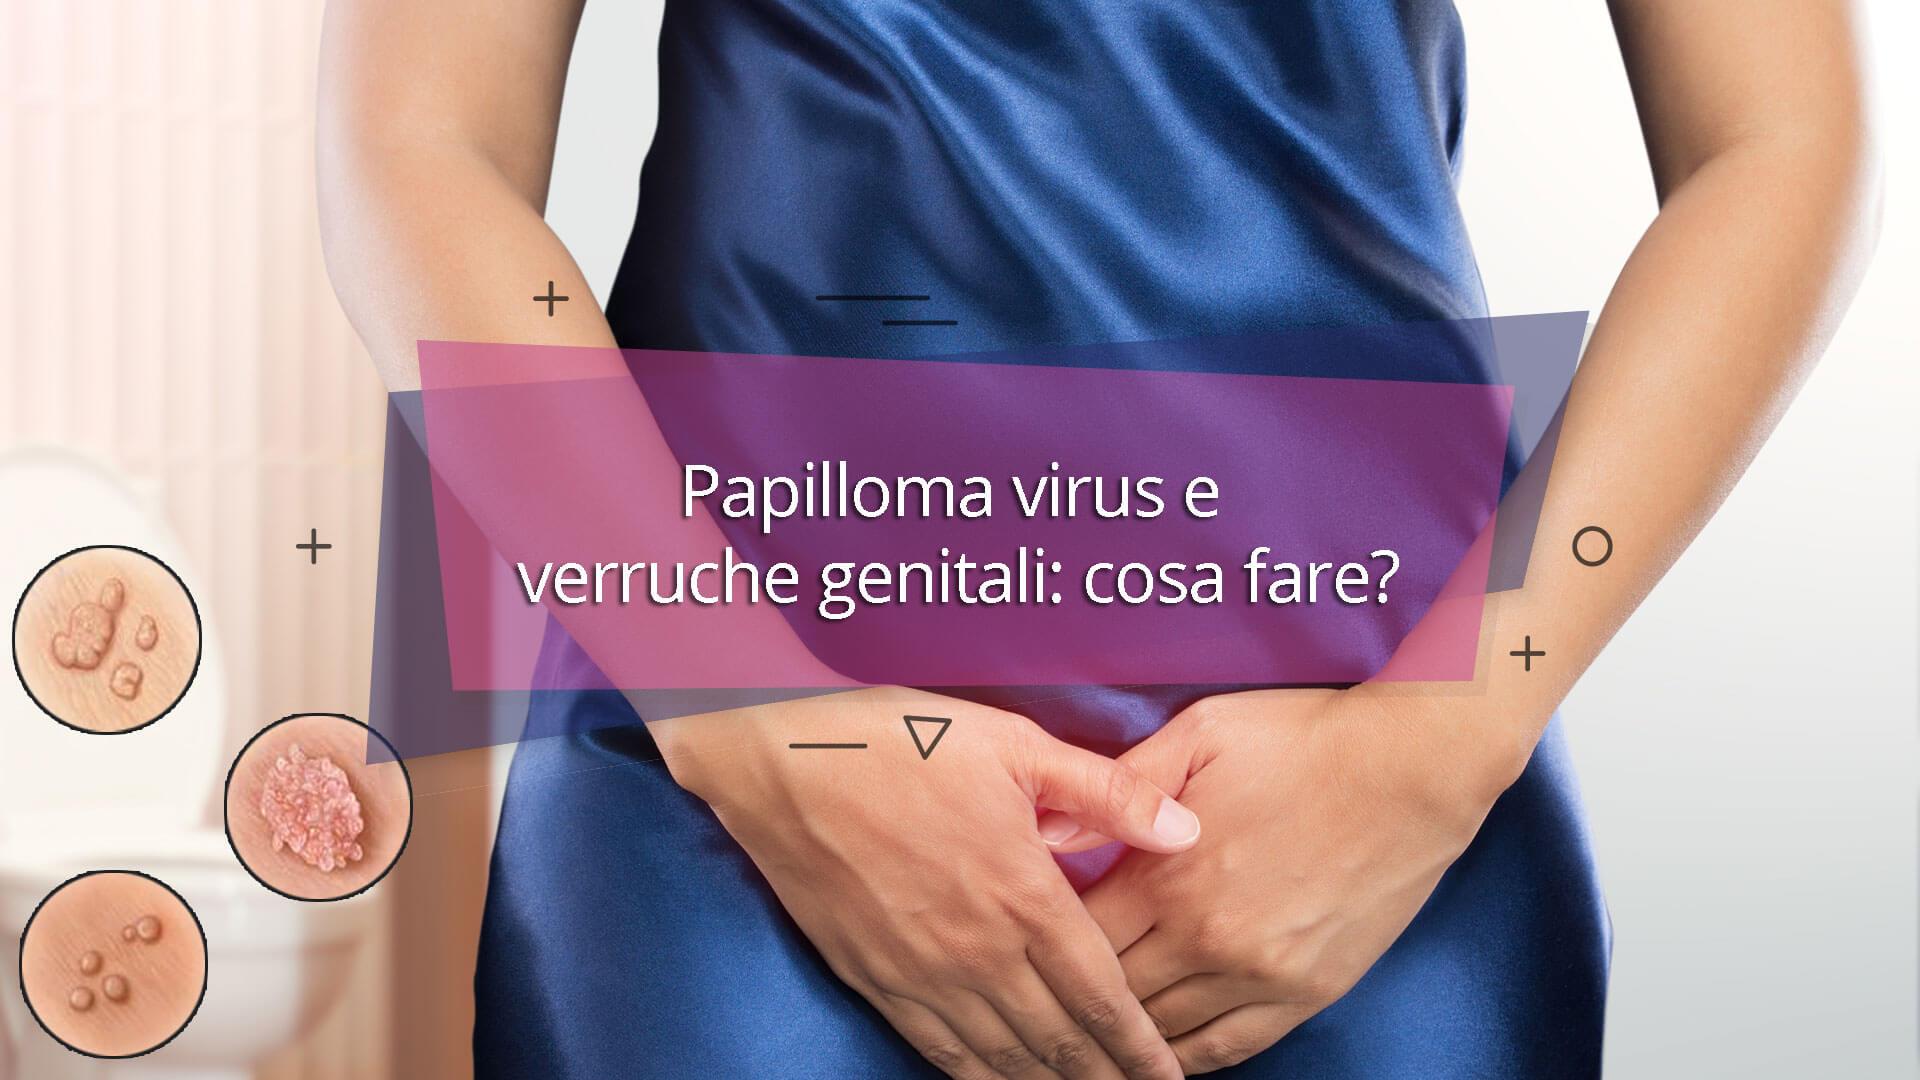 più protetta con il vaccino Il papilloma virus impedisce la gravidanza